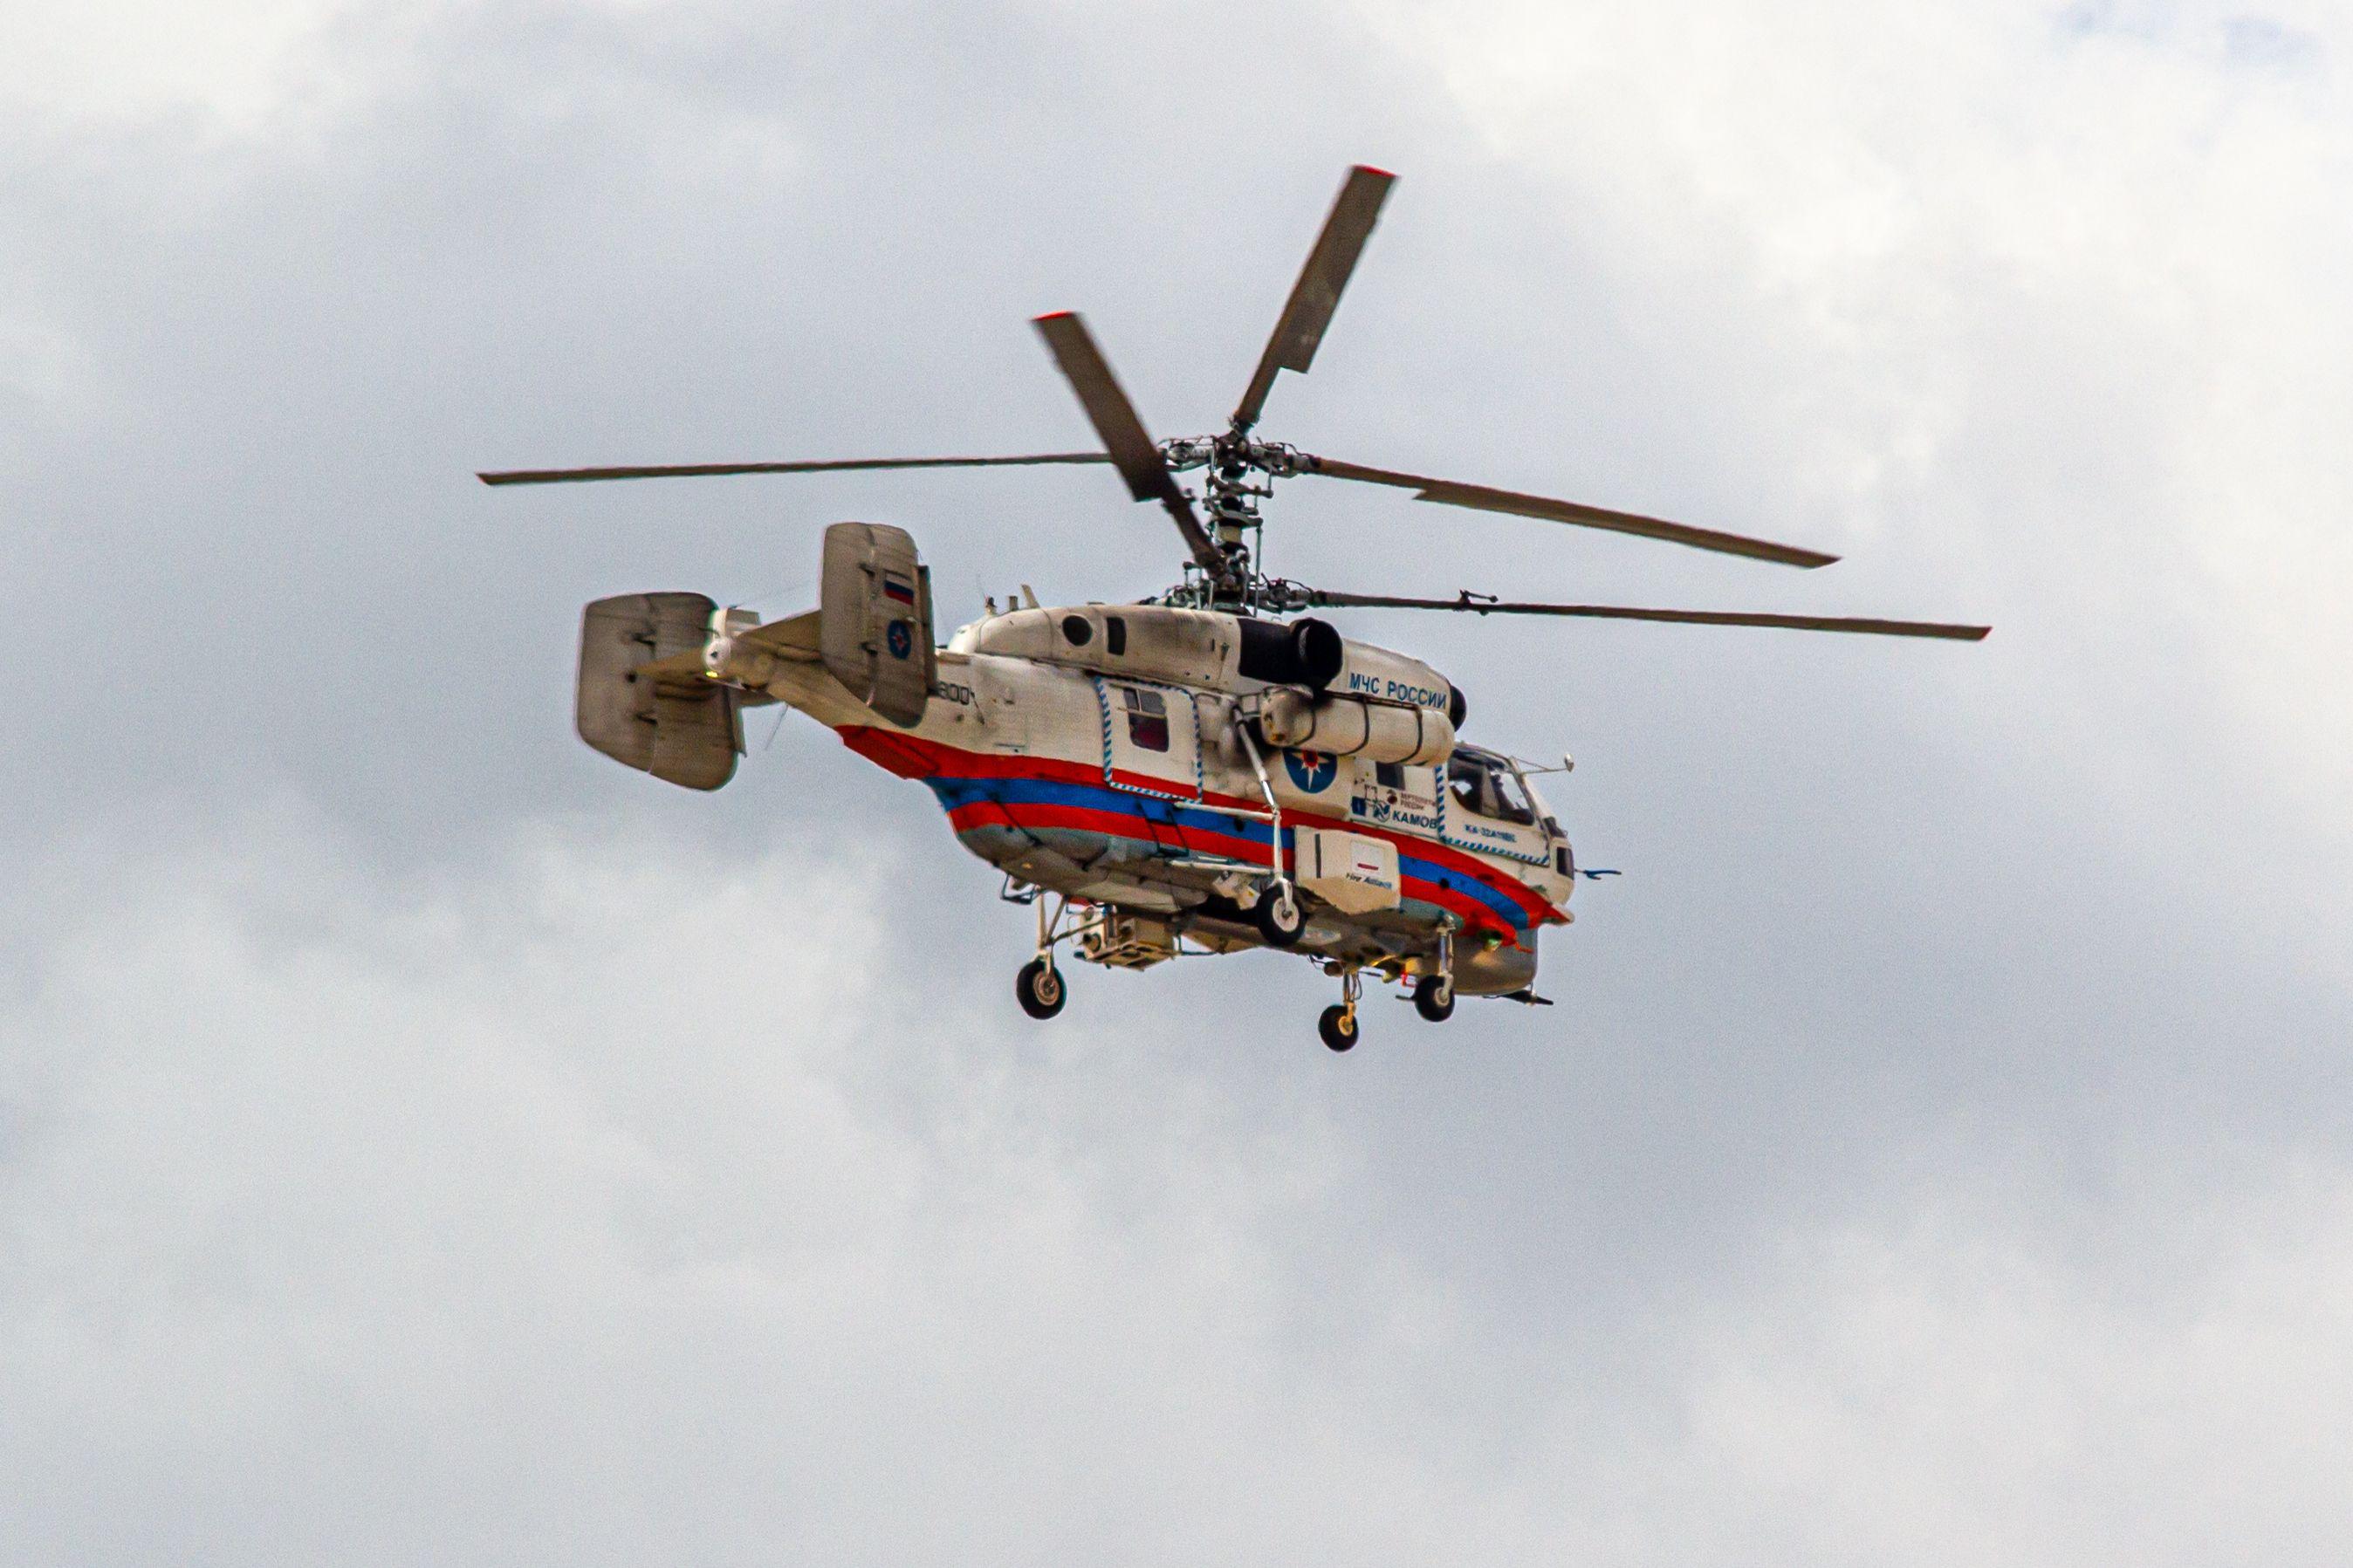 вертолет, вертолеты, вертолеты россии, мчс, лопасти, работа. спасение, emercom, emergency, Лашнев Сергей